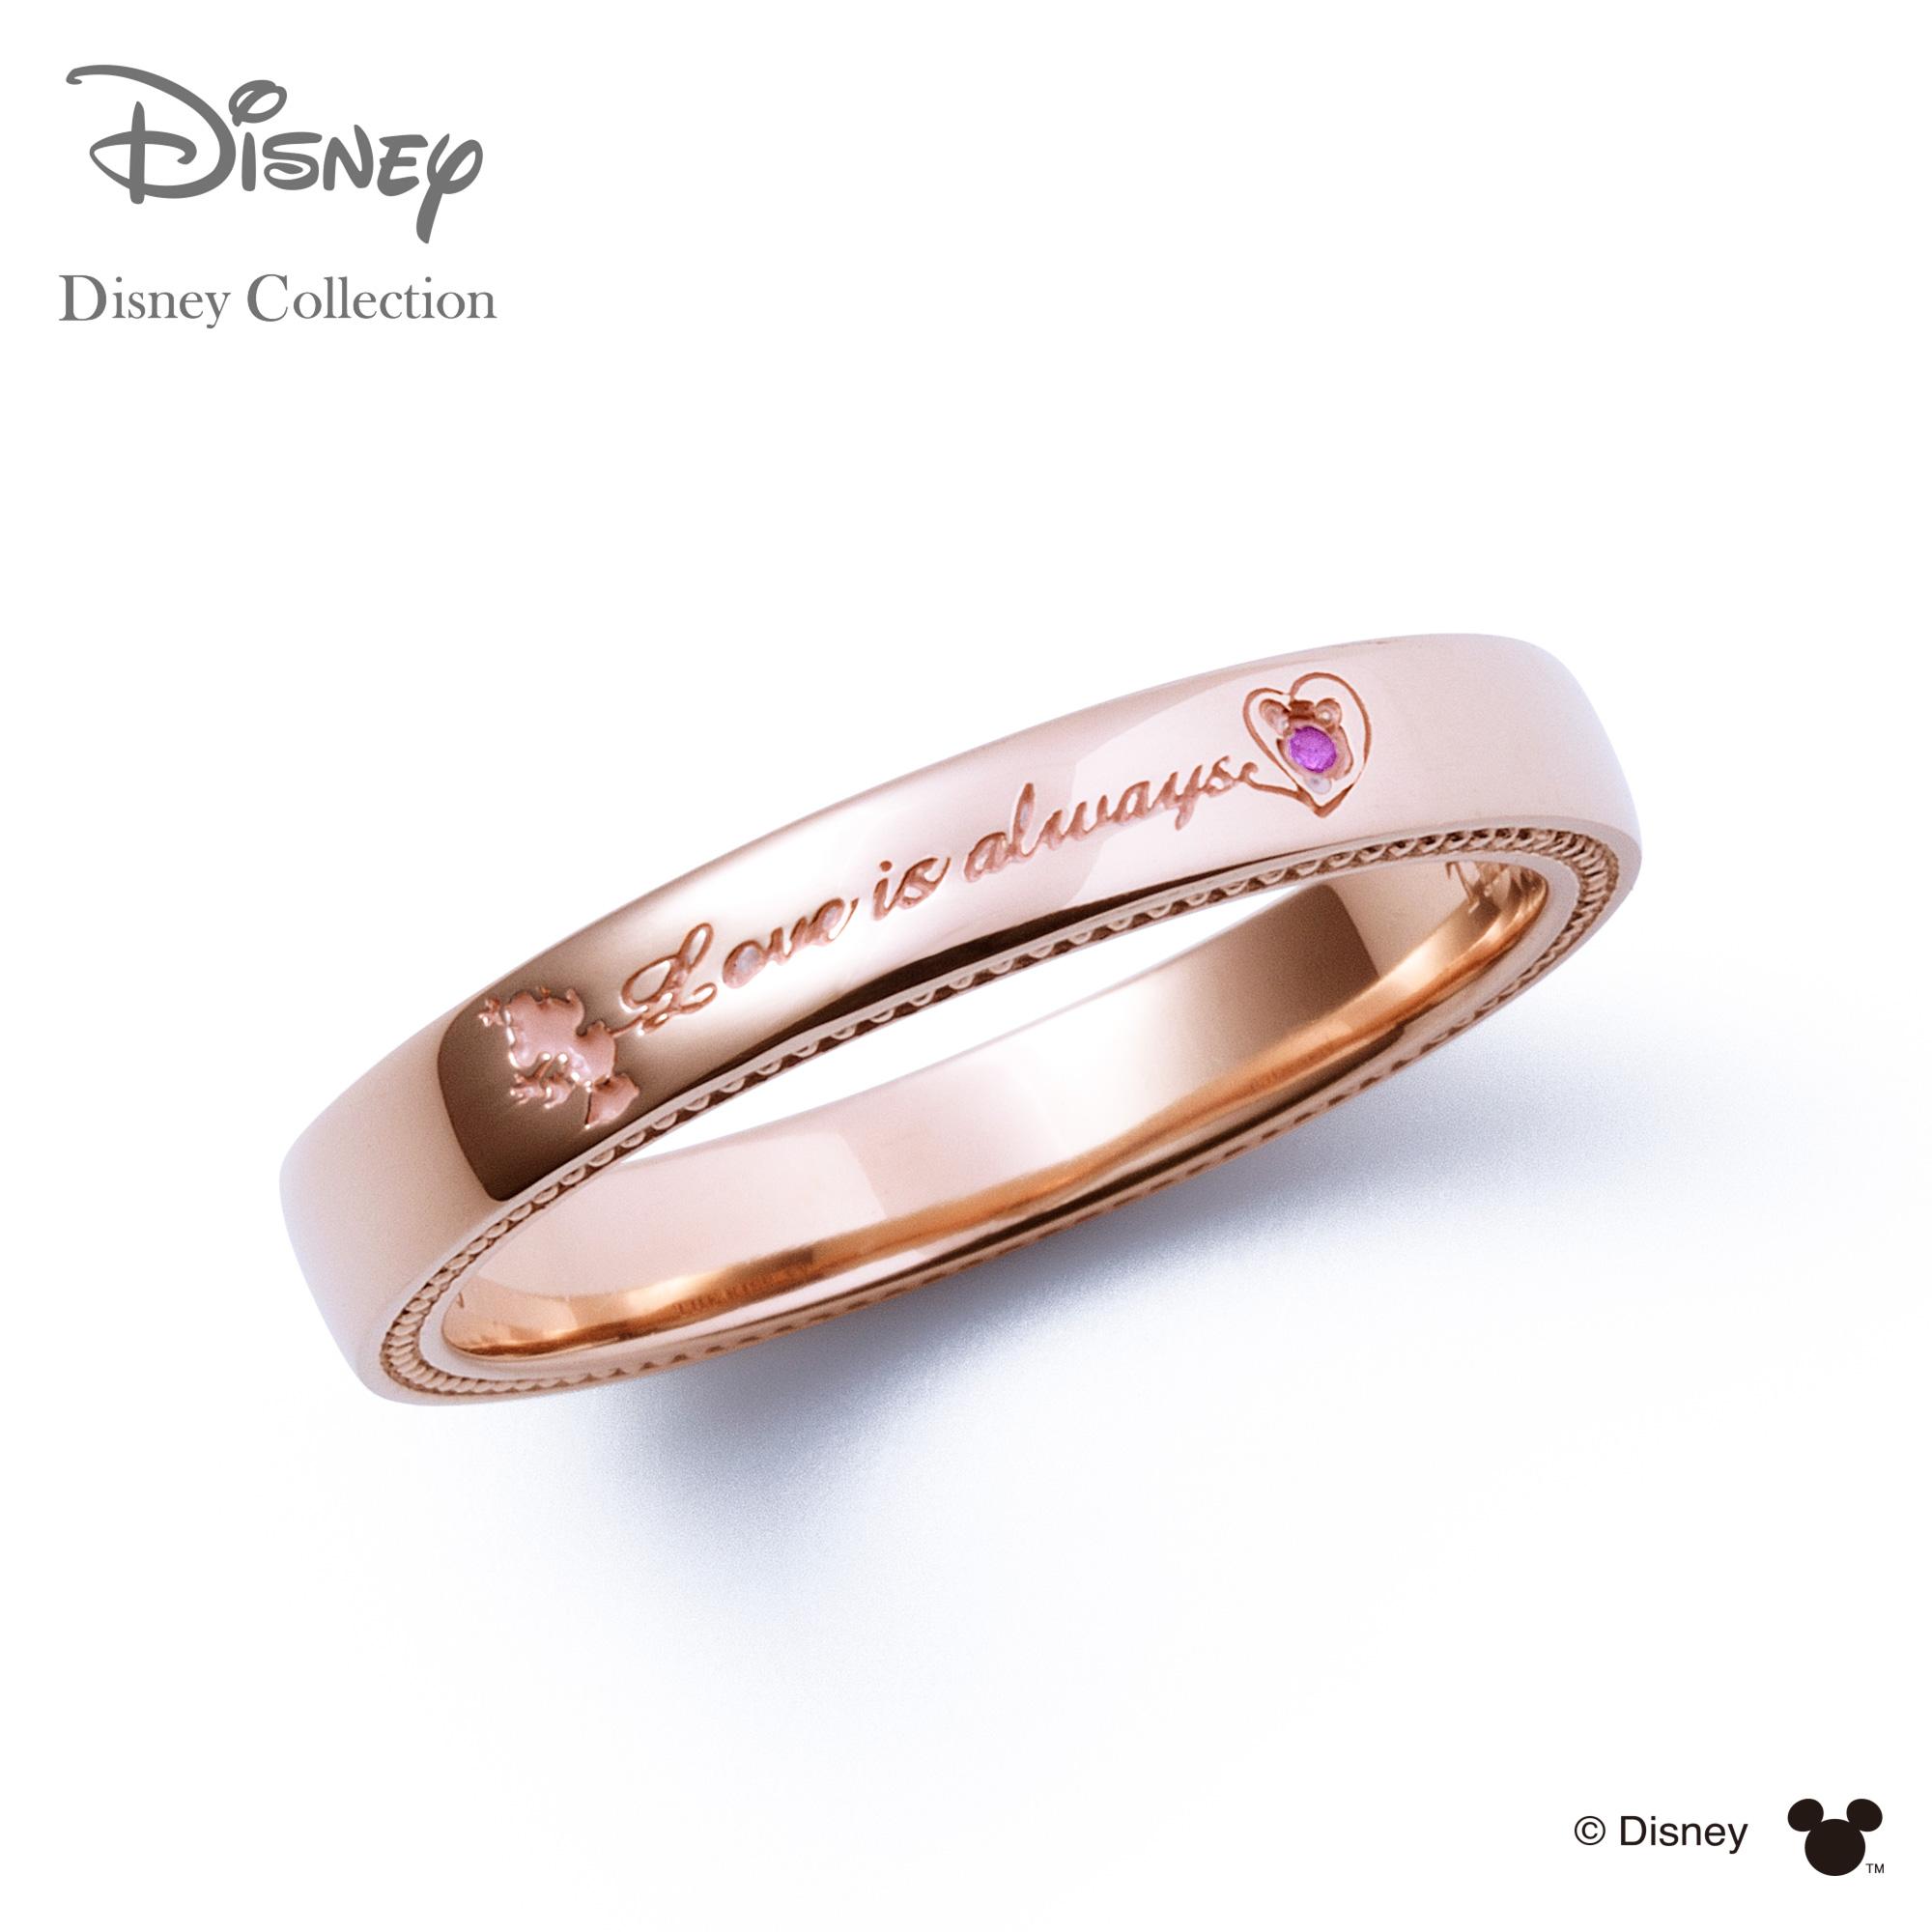 【あす楽対応】【ディズニーコレクション】 ディズニー / ペアリング / ミニーマウス / THE KISS リング・指輪 シルバー ピンクサファイア (レディース 単品) DI-SR709PSP ザキス 【送料無料】【Disneyzone】